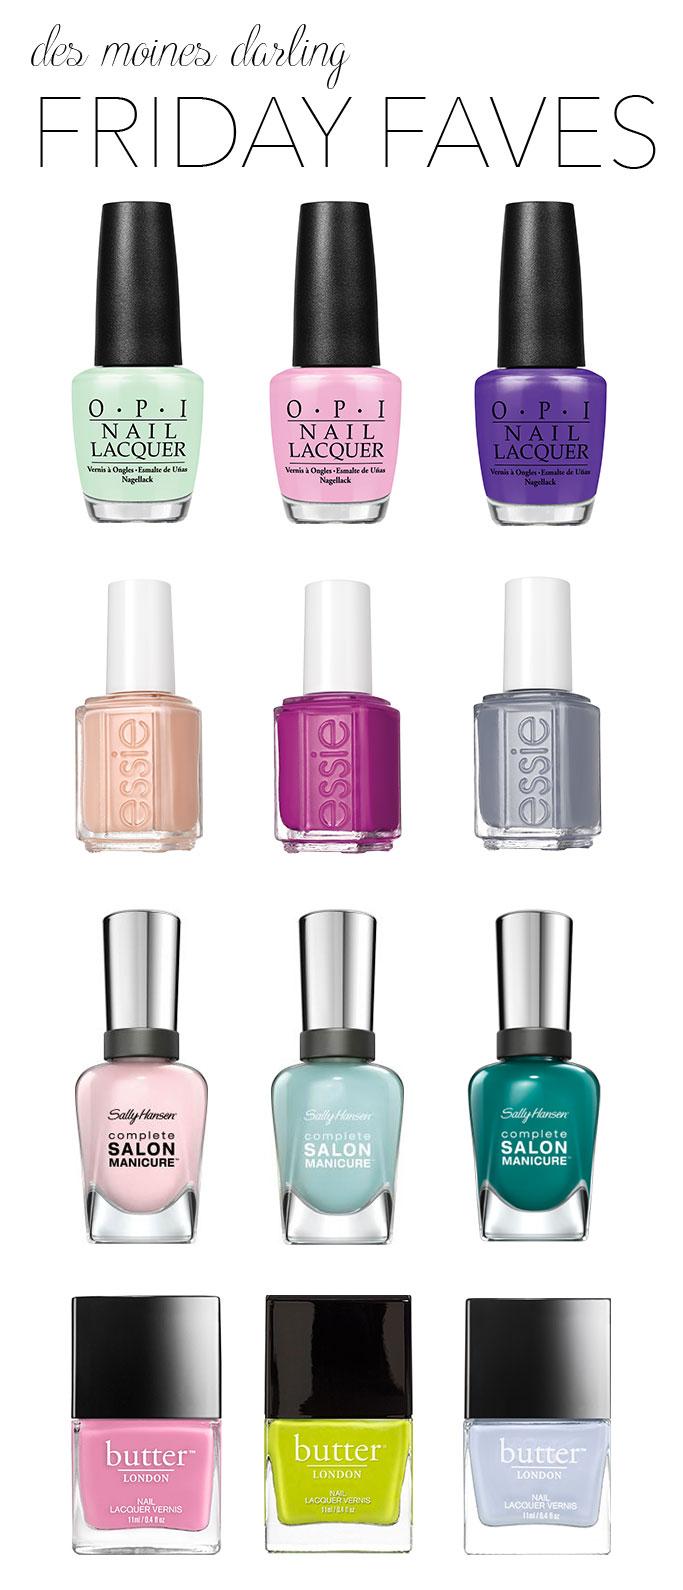 friday_faves_spring_nail_color